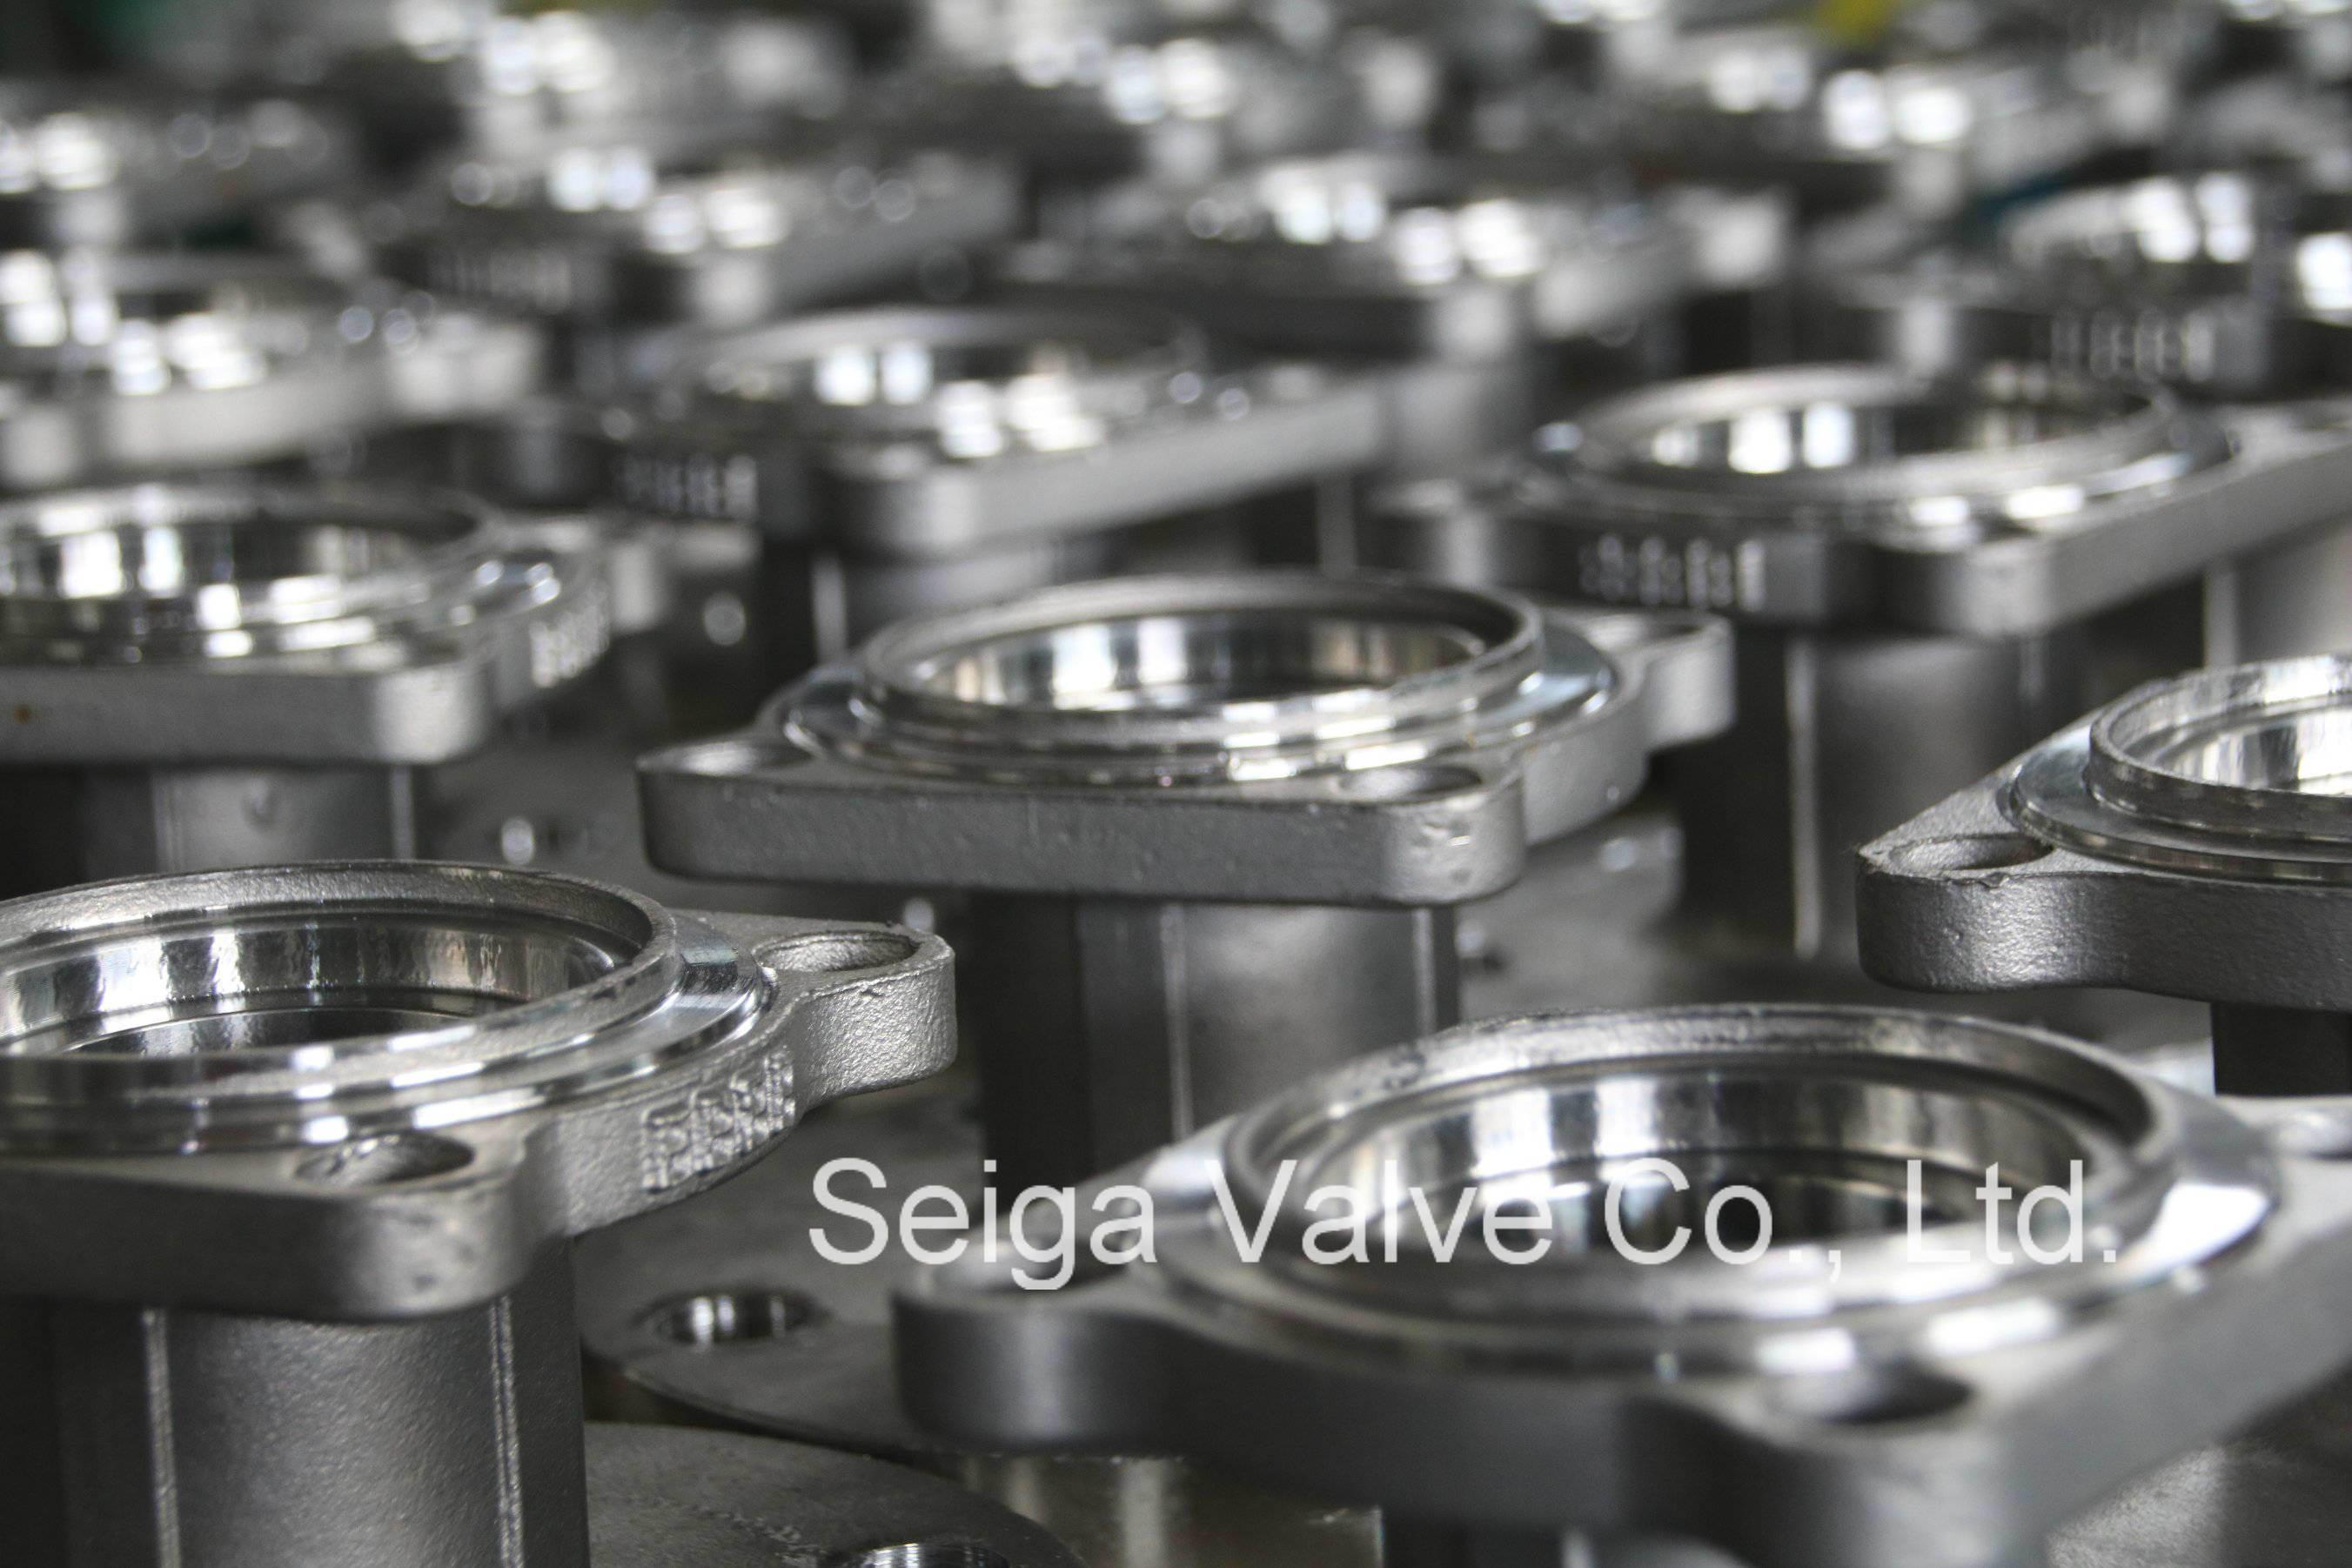 API Stainless Steel Flange Ball Valve